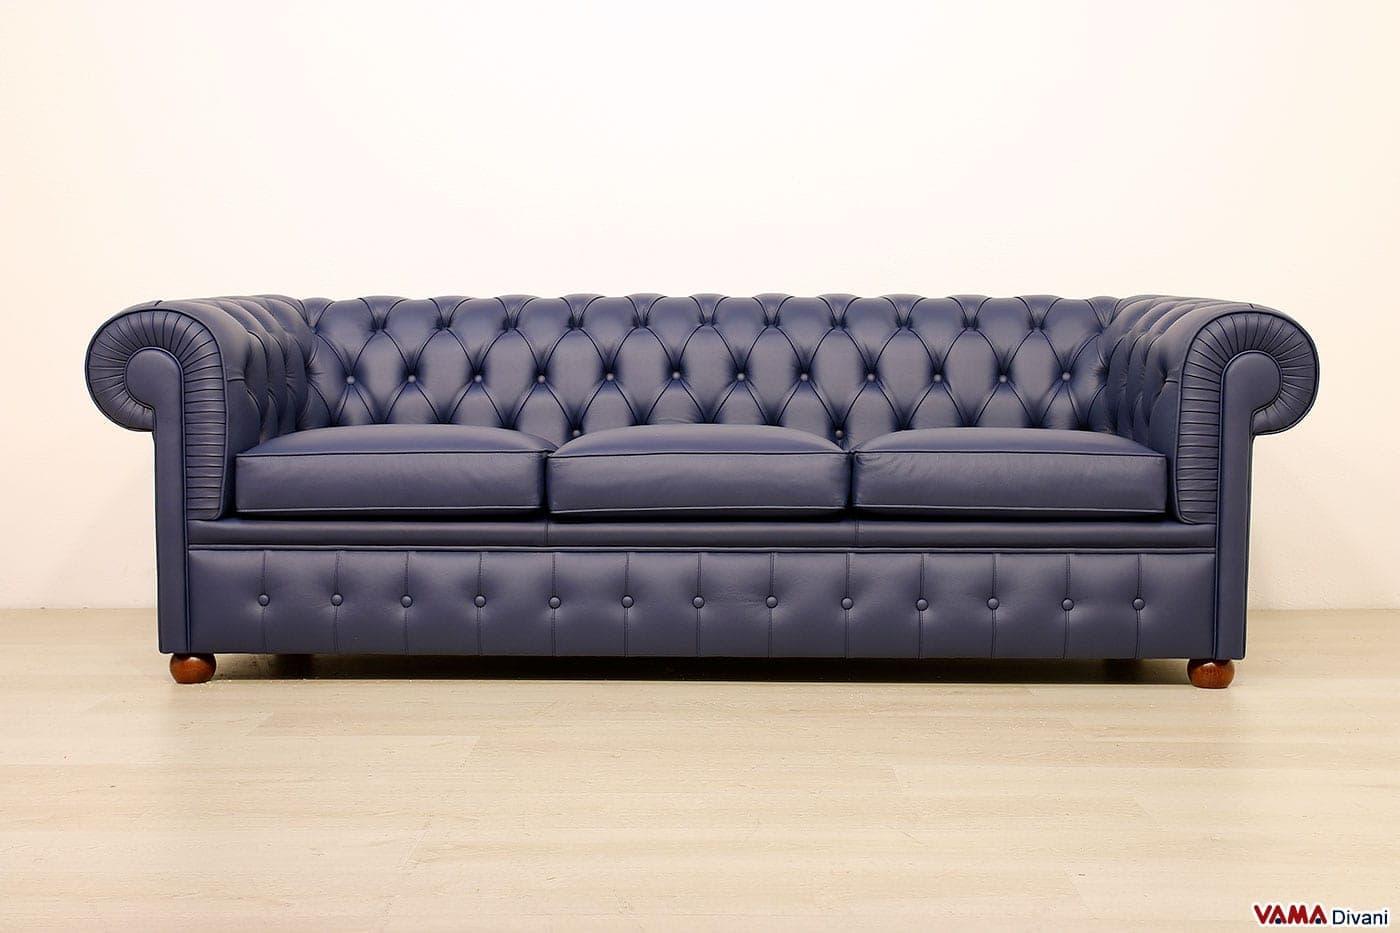 Divano chesterfield 3 posti vama divani for Divano blu colore pareti